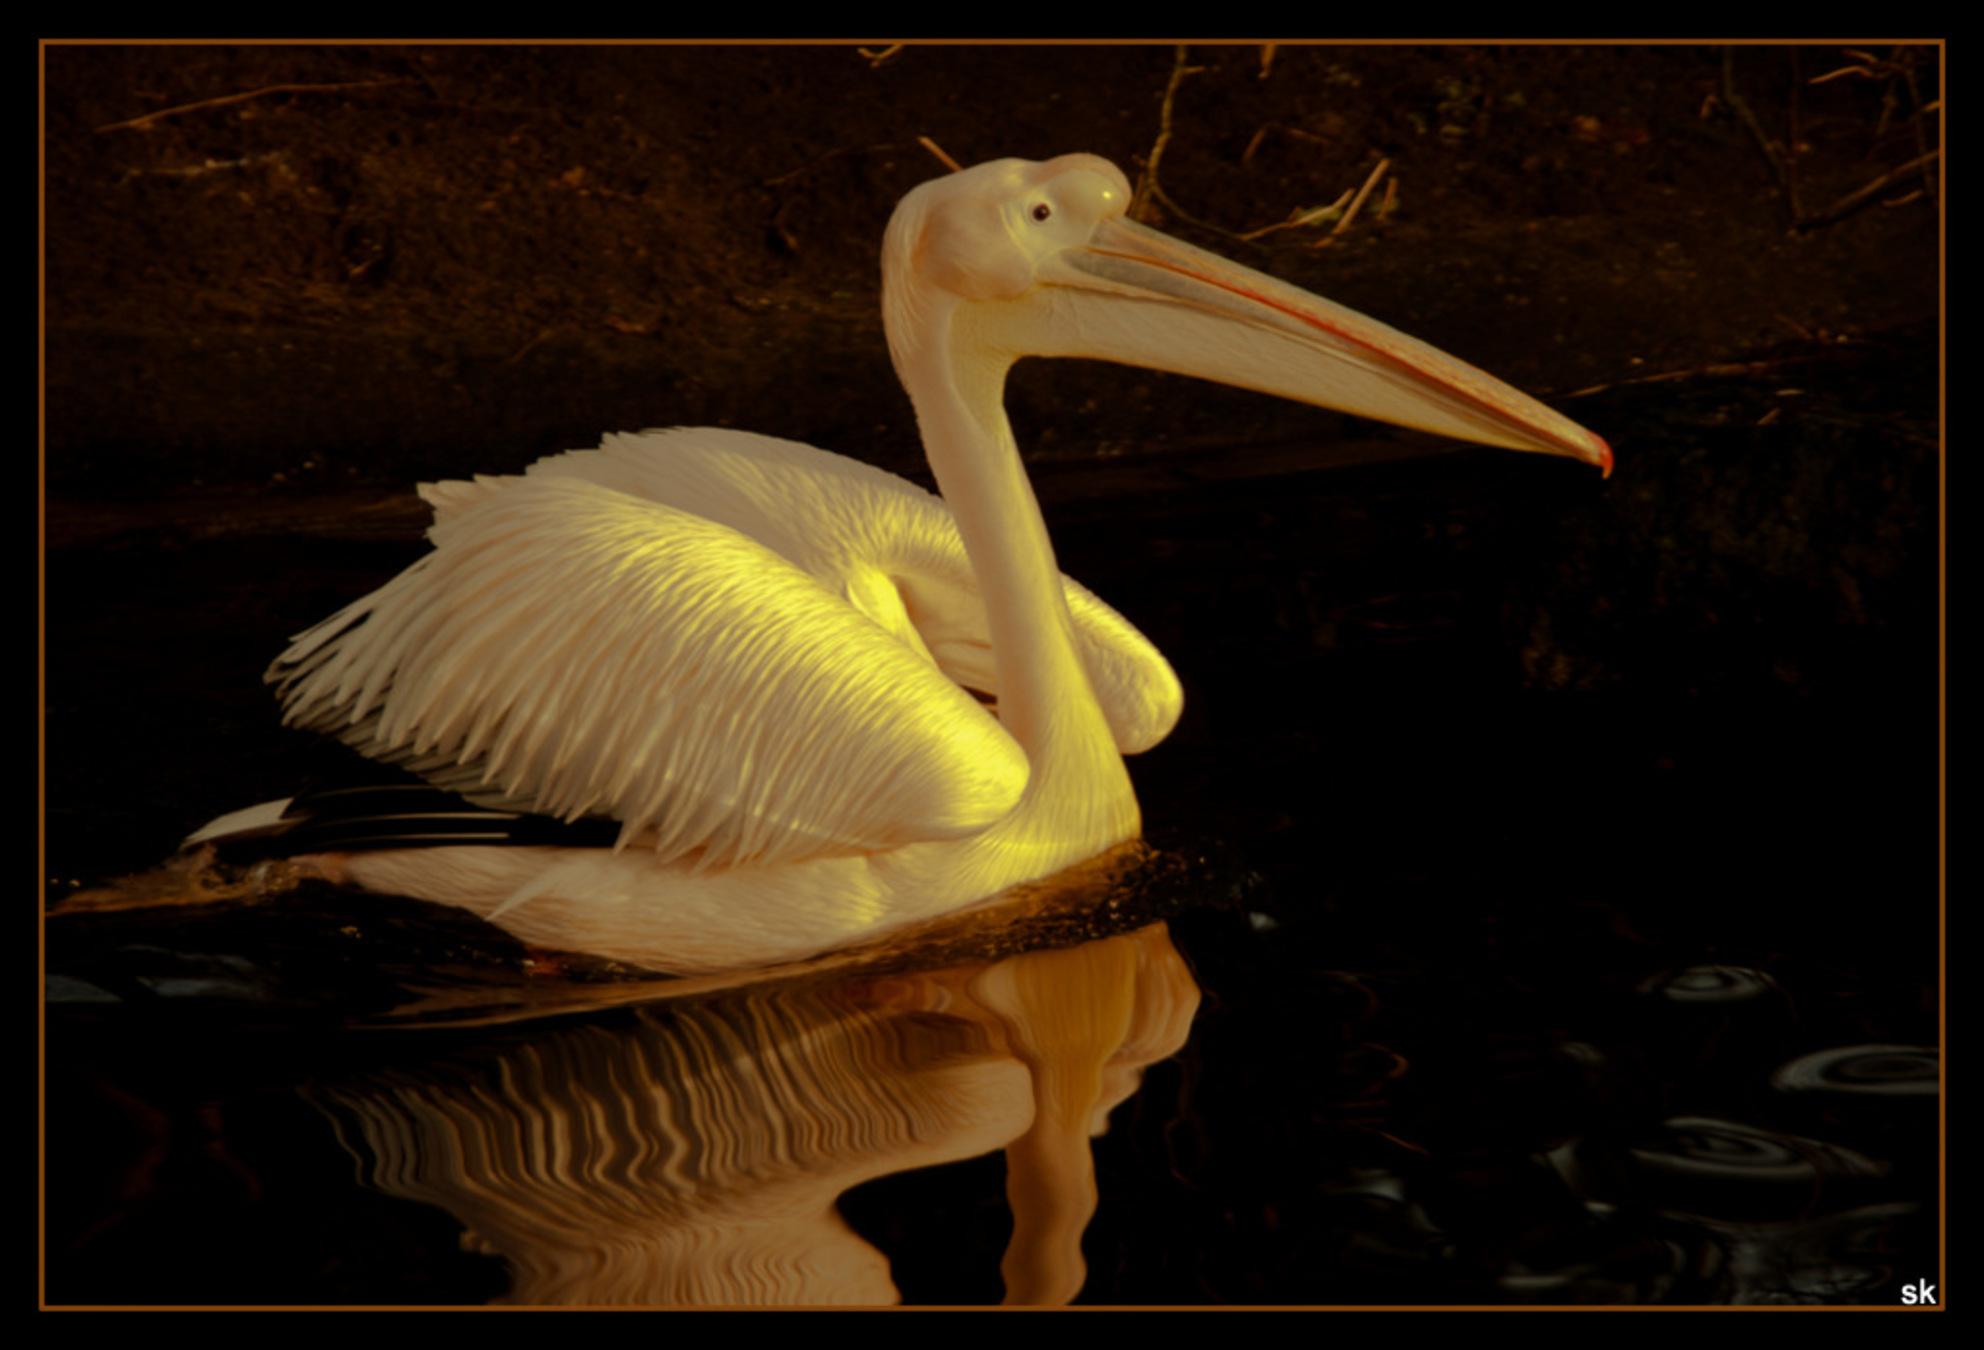 Pelikaan in Emmen - Dagje dierentuin. Wel heel bijzonder in de winter. - foto door sjoukelien123 op 02-01-2013 - deze foto bevat: dierentuin, pelikaan, emmen